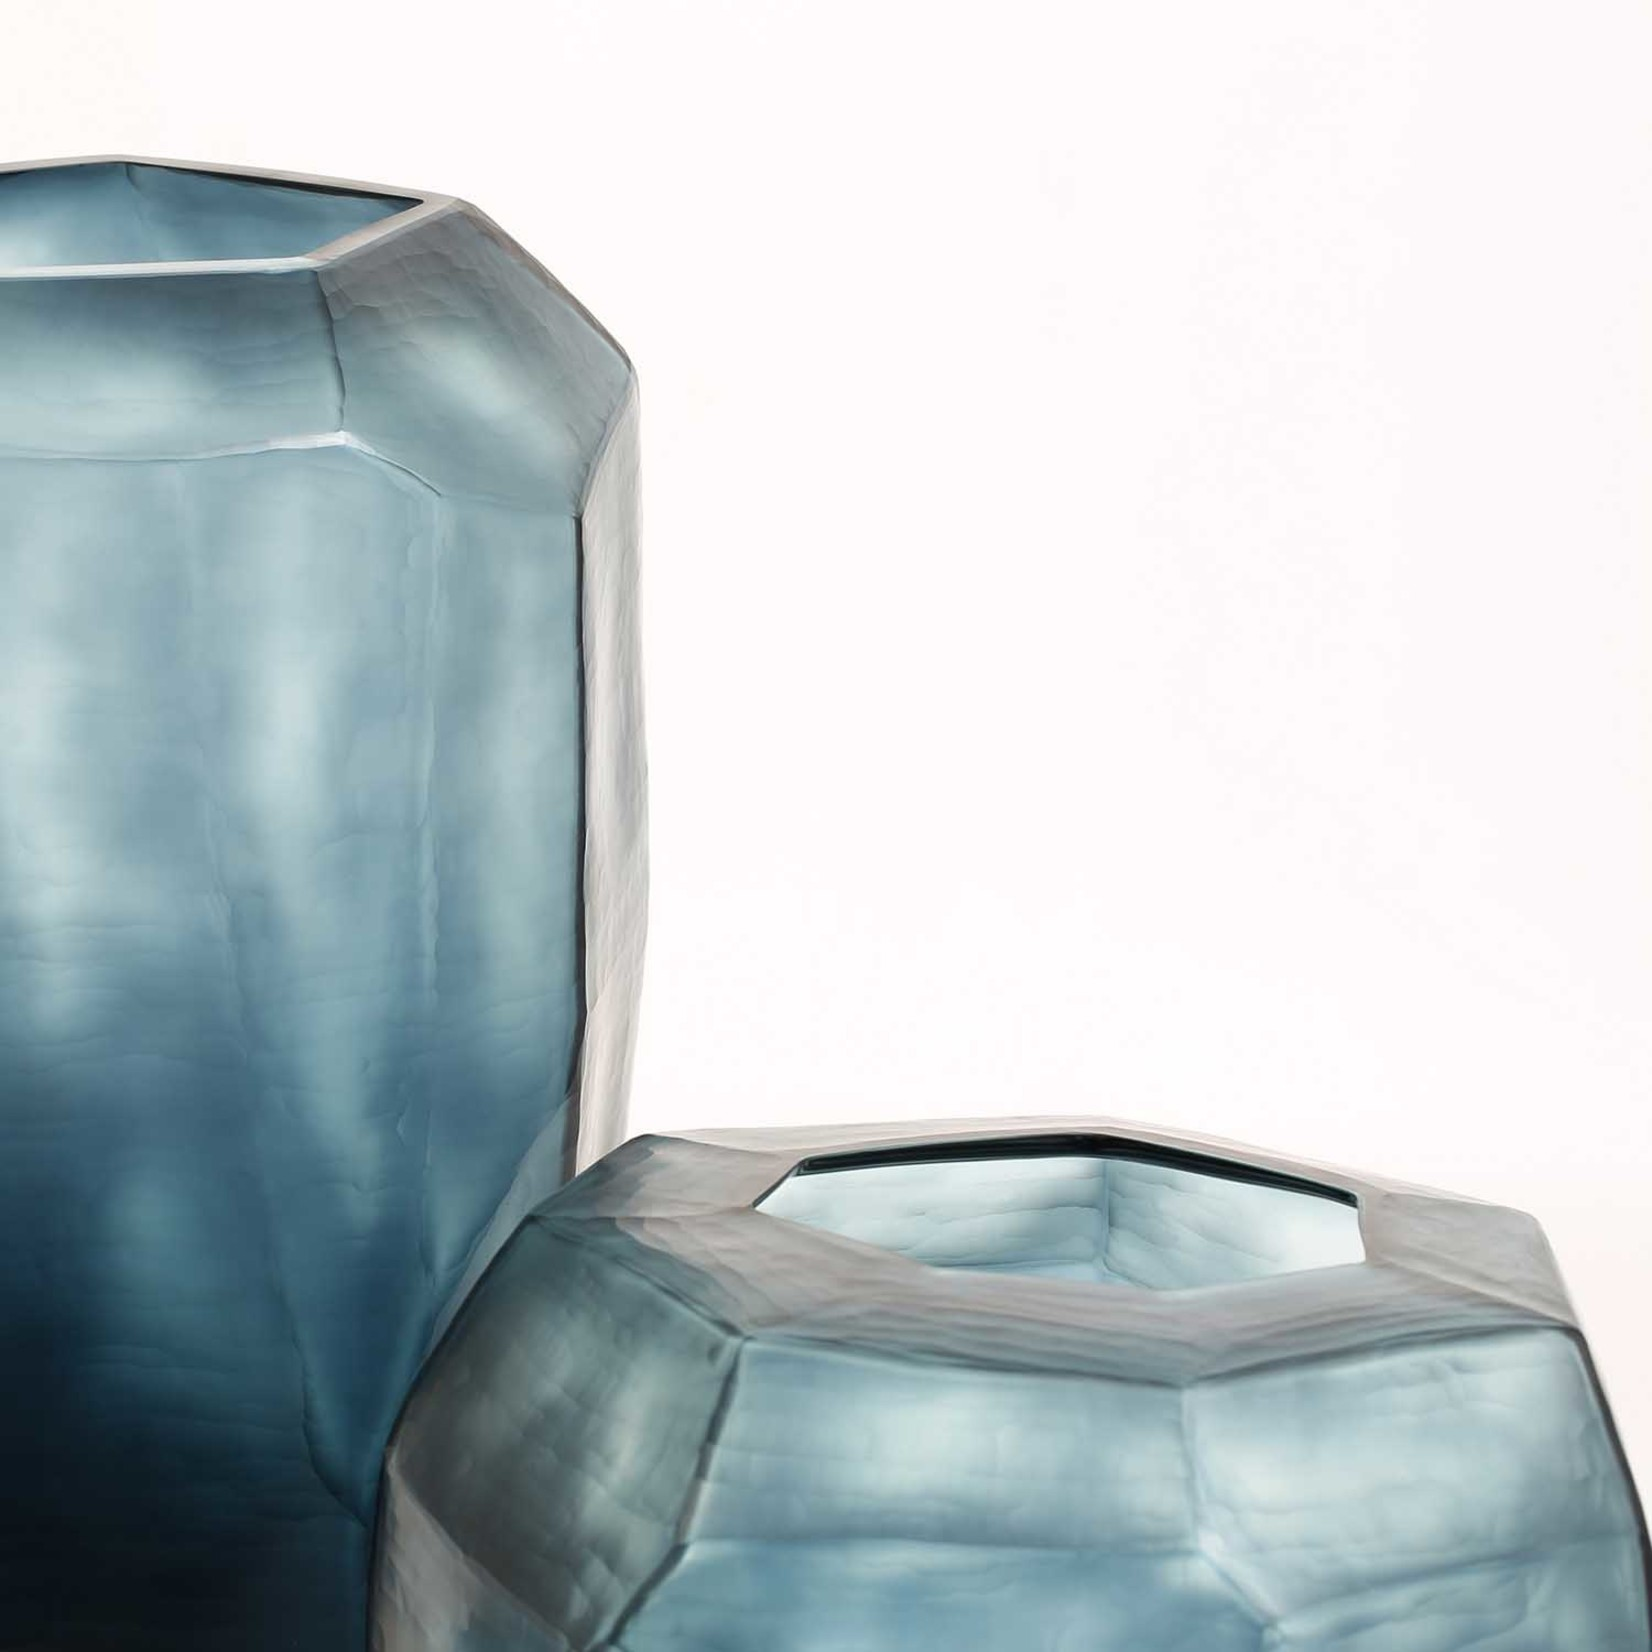 Guaxs Vaas Cubistic Tall | Ocean Blue / Indigo